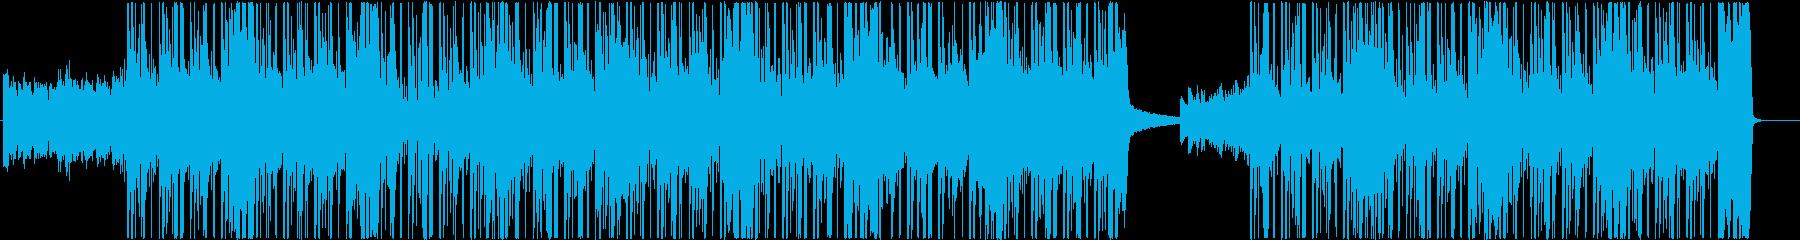 ダークな雰囲気で迫力あるメロディーの再生済みの波形